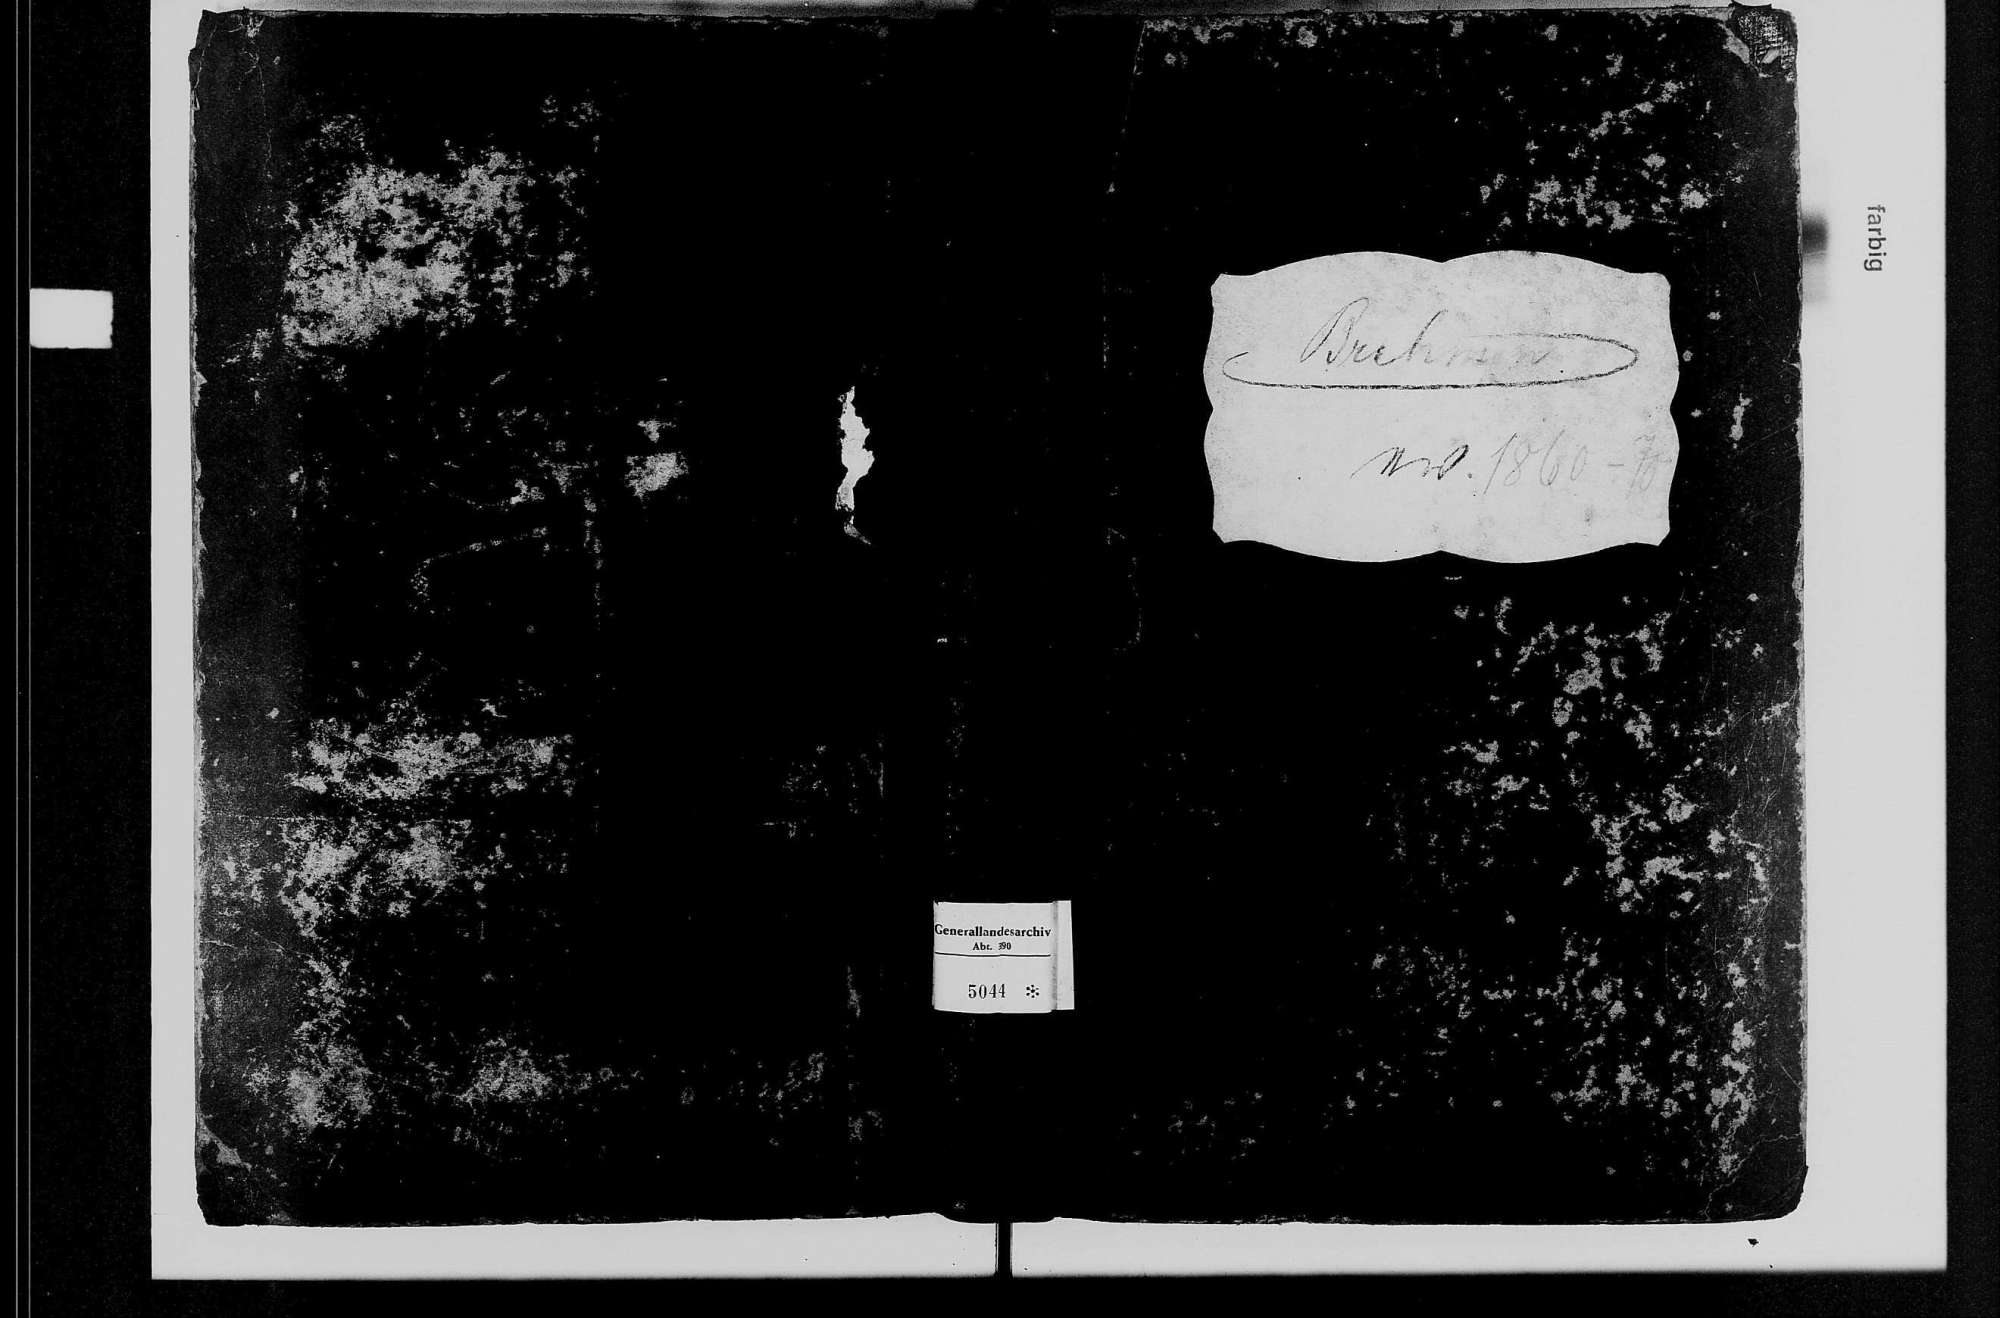 Brehmen, evangelische Gemeinde: Standesbuch 1860-1870, Bild 2